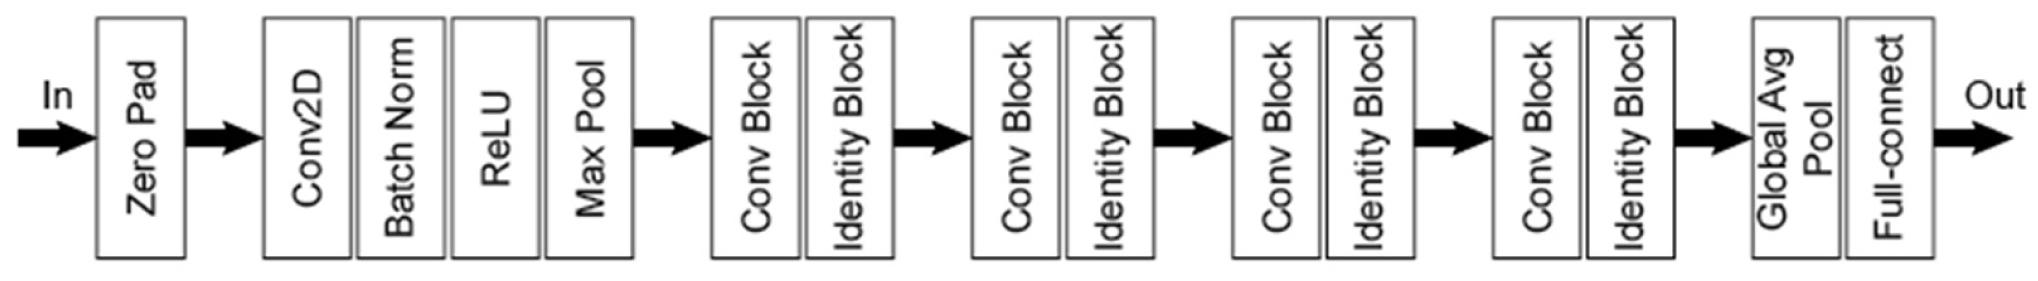 http://static.apub.kr/journalsite/sites/ksrm/2020-030-05/N0120300503/images/ksrm_30_05_03_F4.jpg